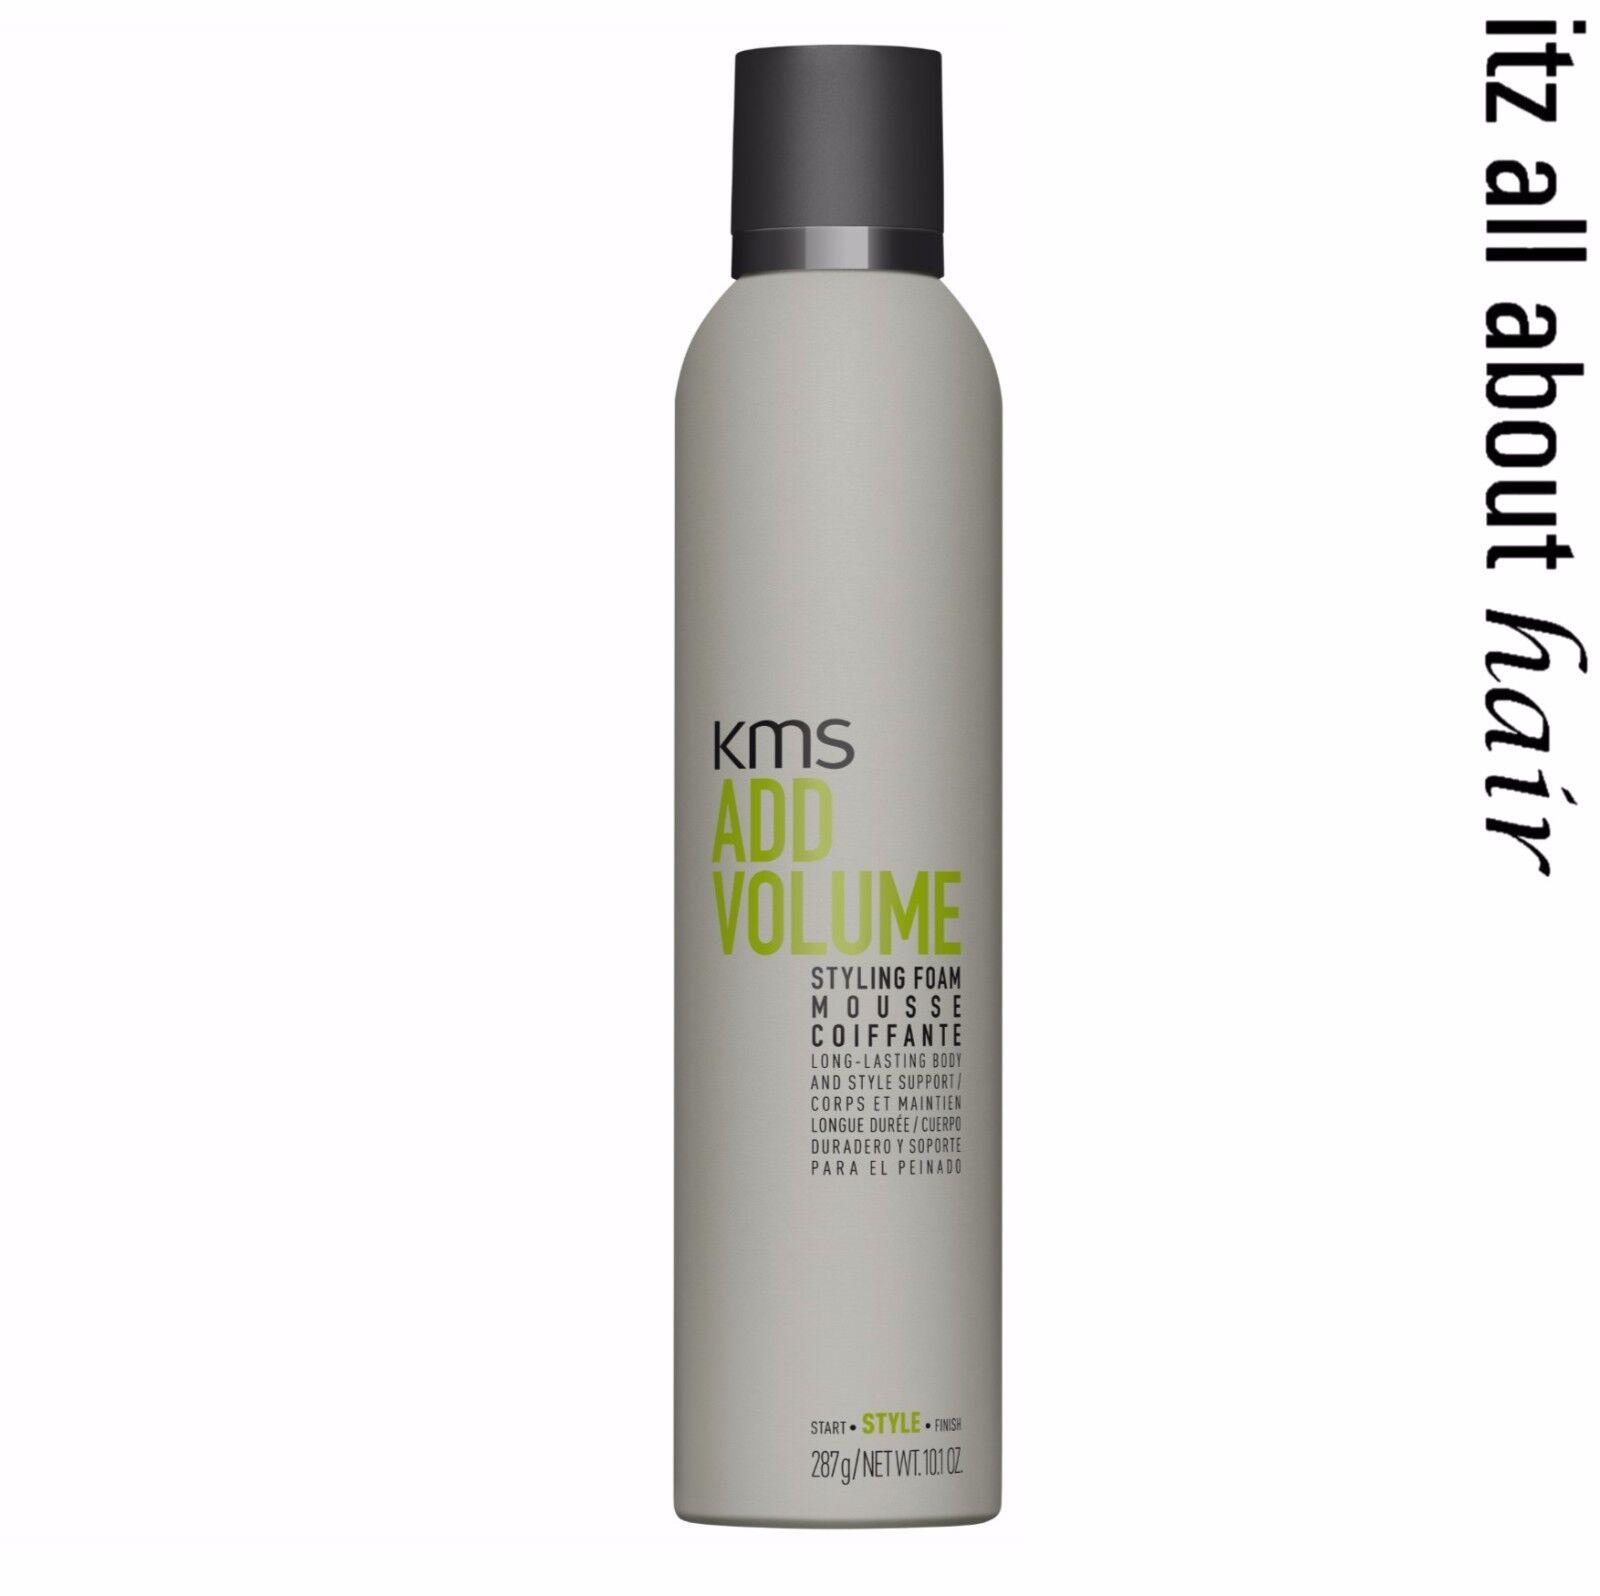 KMS Add volume Styling Foam 287g  x 1